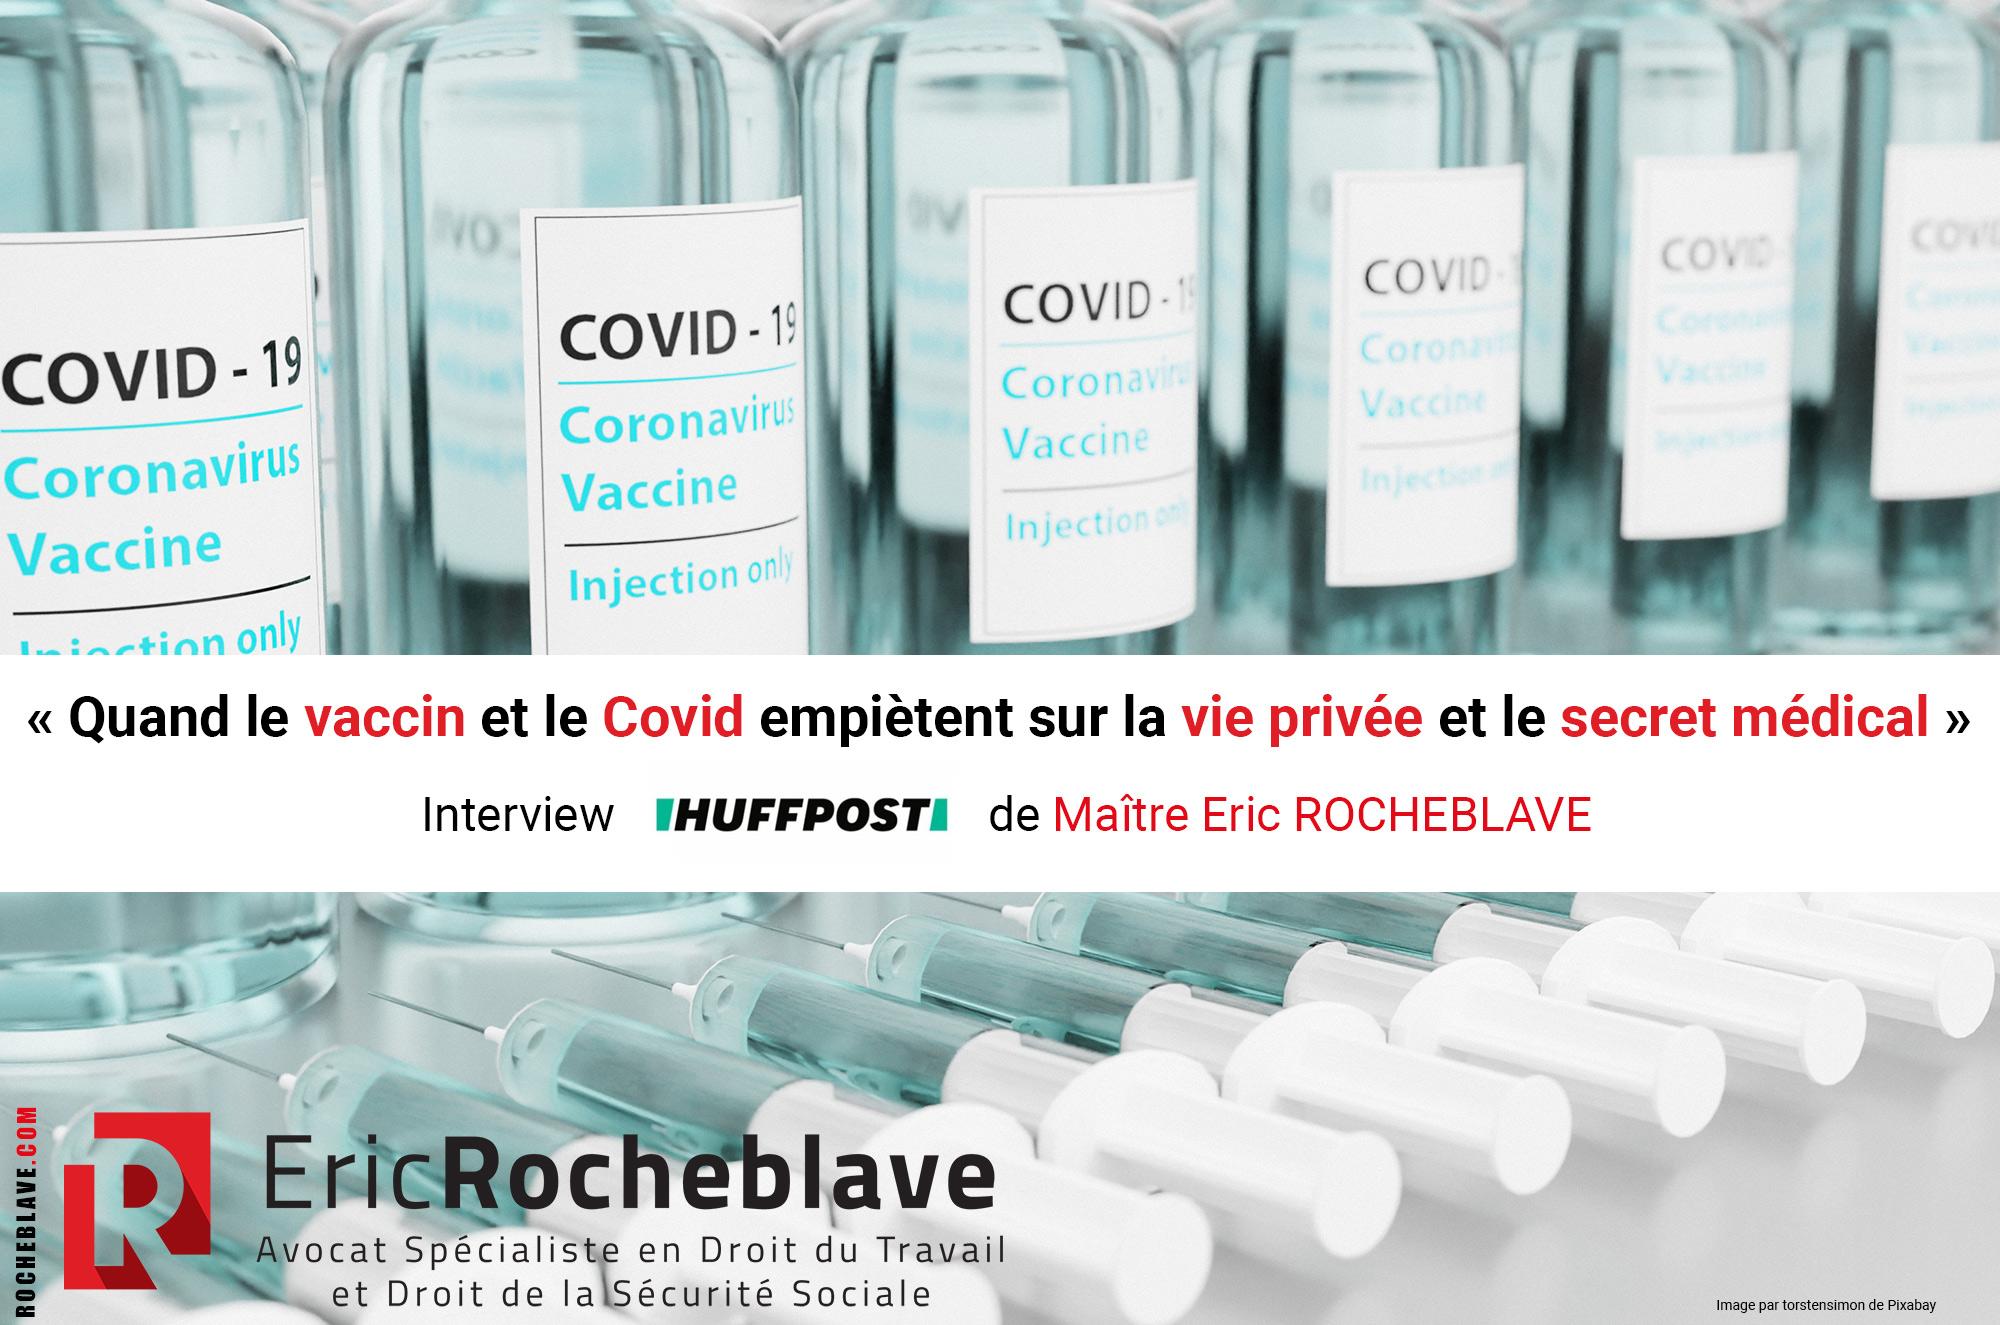 « Quand le vaccin et le Covid empiètent sur la vie privée et le secret médical » Interview HUFFPOST de Maître Eric ROCHEBLAVE